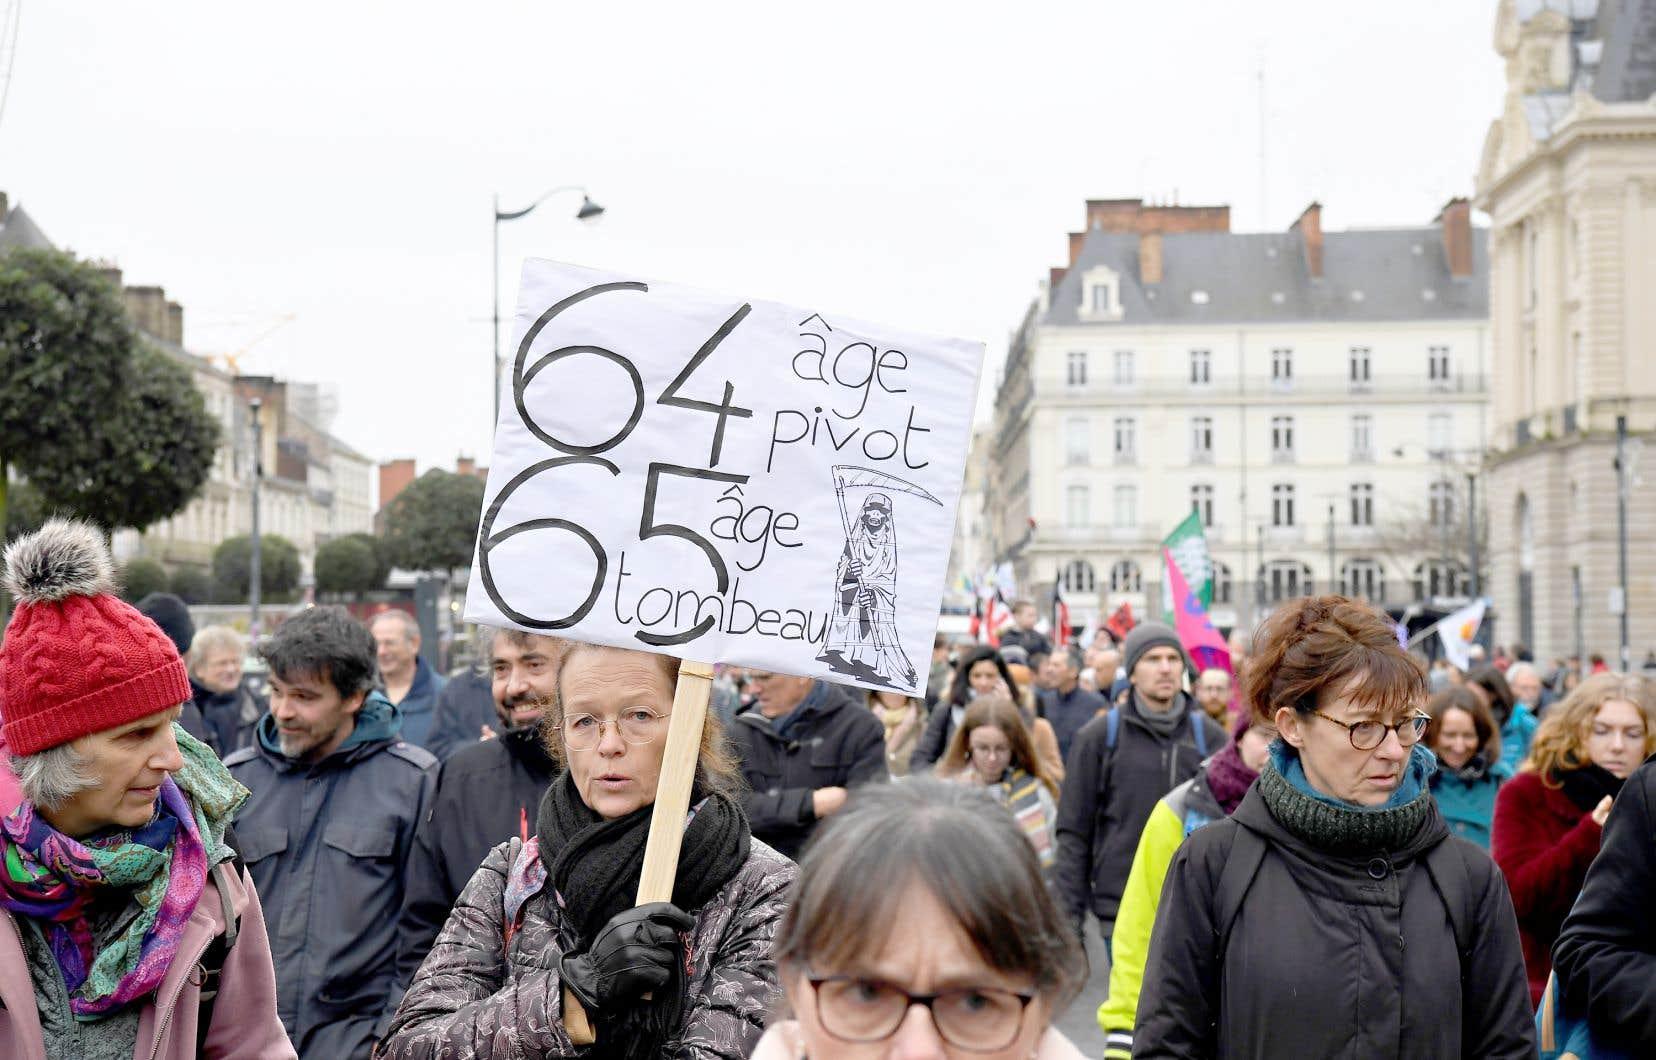 Mardi dernier dans son allocution du jour de l'An, le président [Emmanuel Macron], qui joue sa réélection dans deux ans, a dit souhaiter «un compromis rapide».